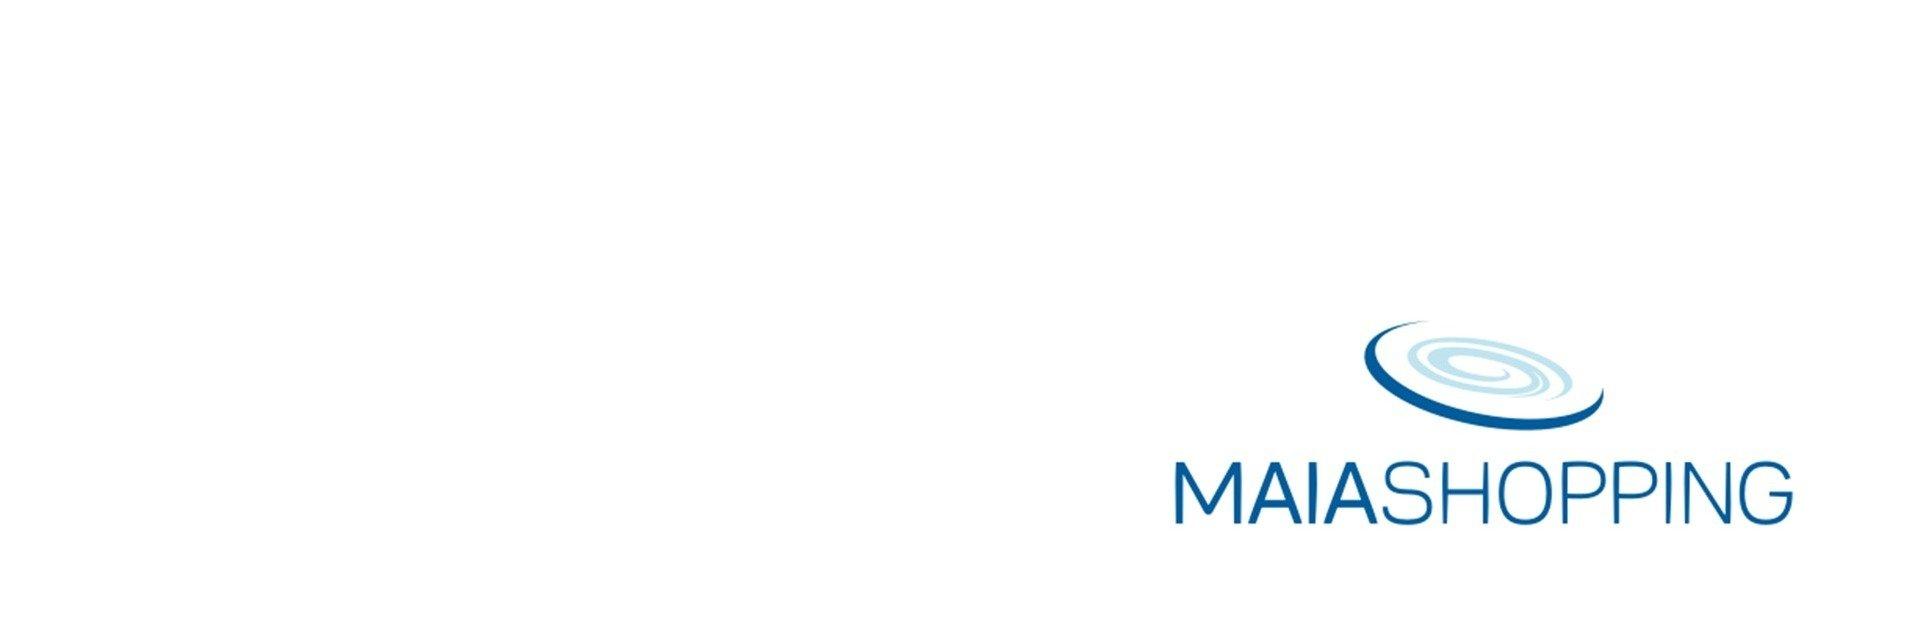 MaiaShopping reabre todas as lojas com reforço das medidas de segurança